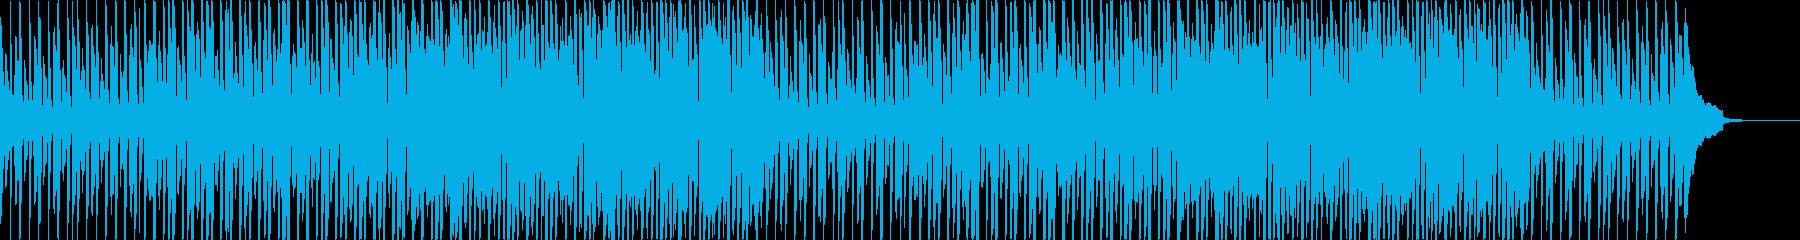 ワクワク楽しい雰囲気の軽快なBGMの再生済みの波形